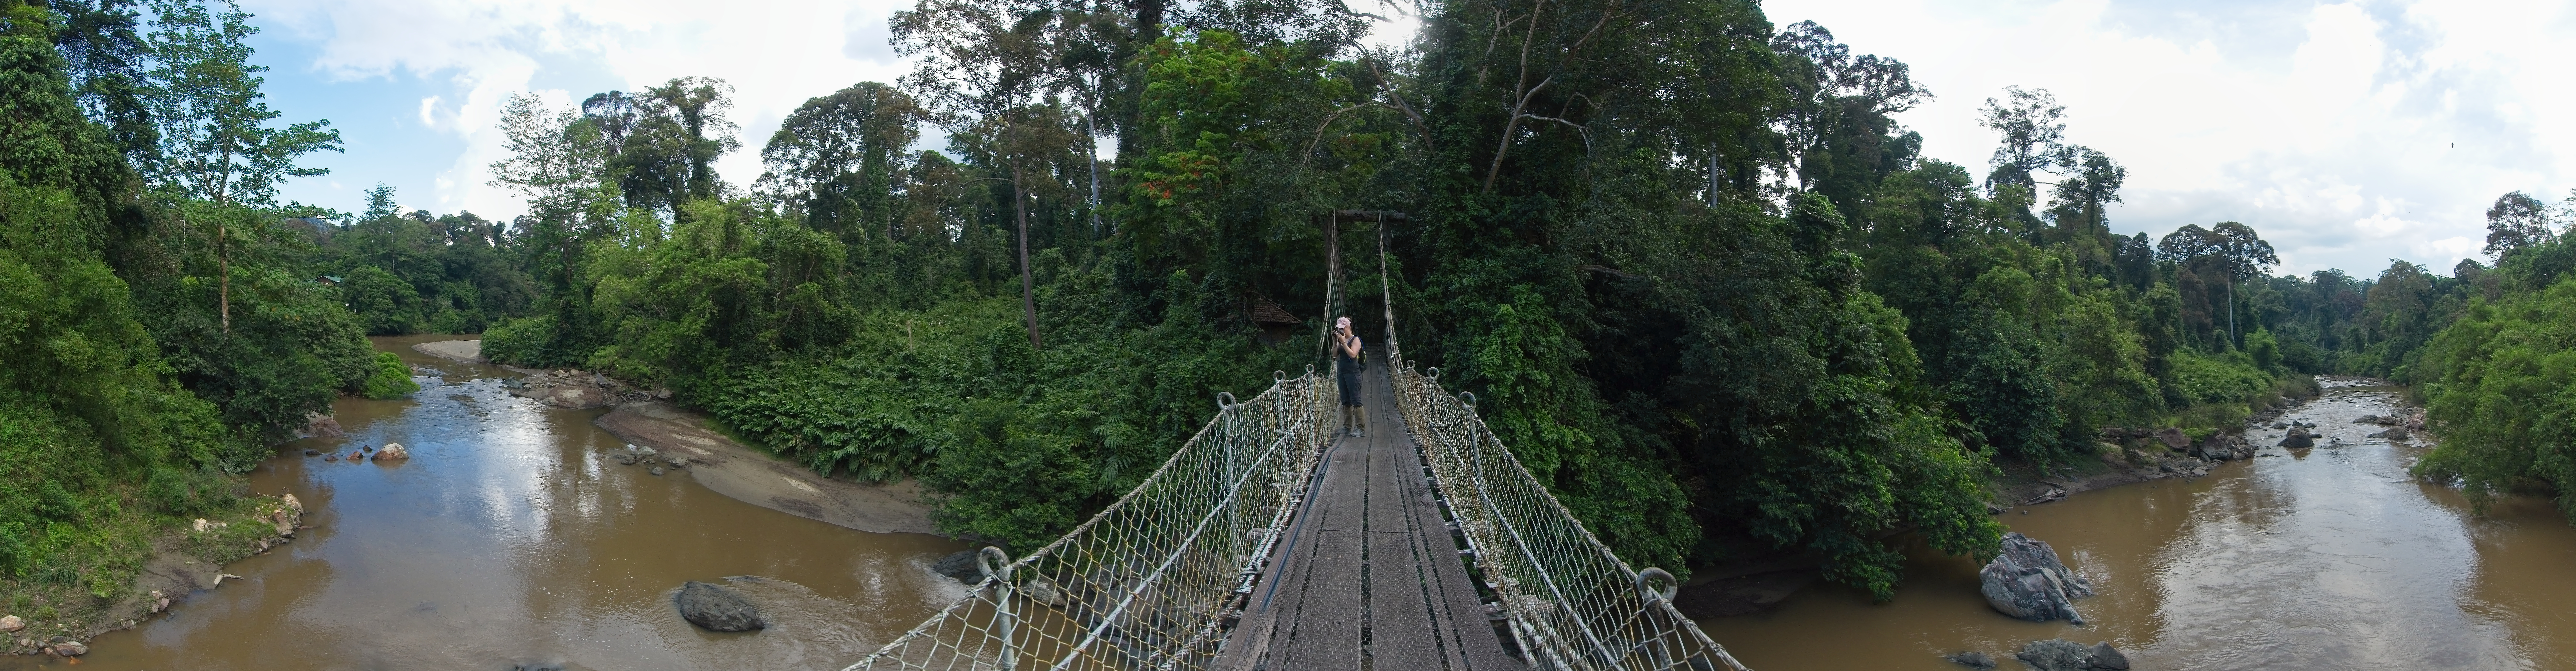 1 maand backpacken in Maleisië: Danum Valley